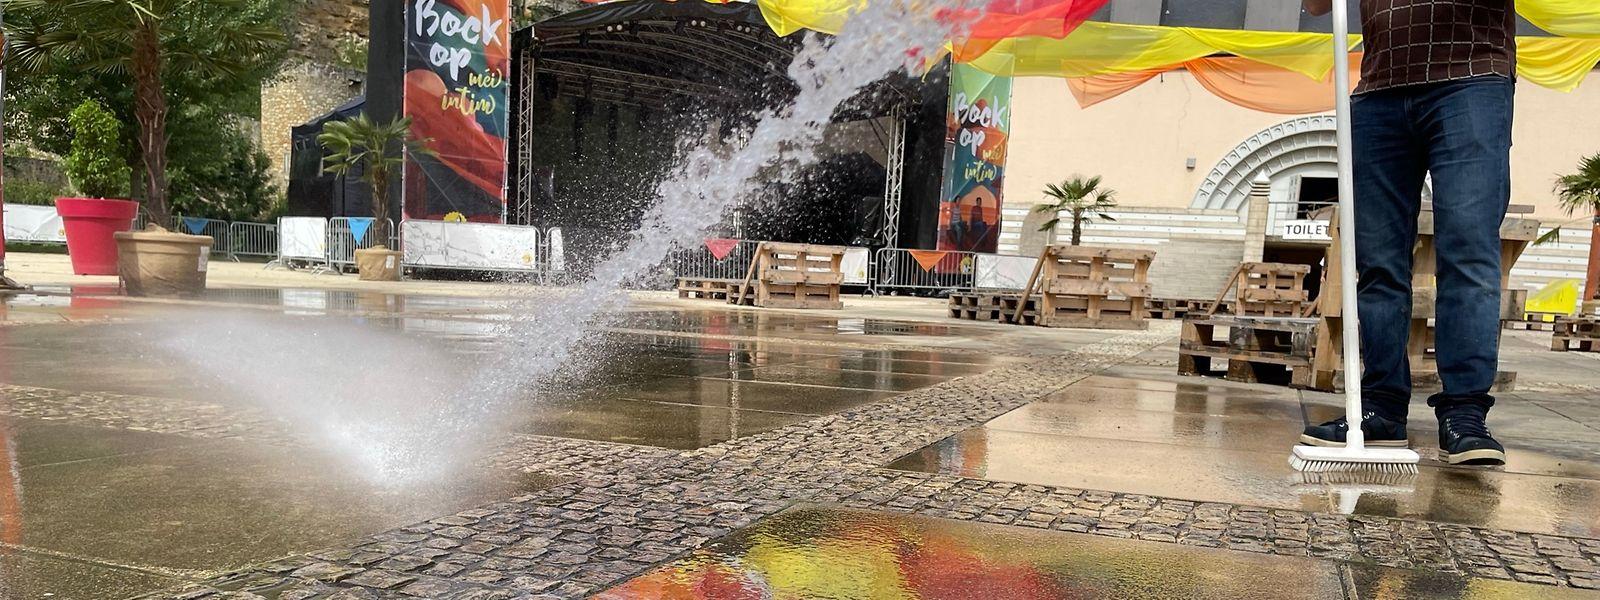 Der Parvis des Kulturzentrums Neimënster wird für die Veranstaltungen wieder bereit gemacht.